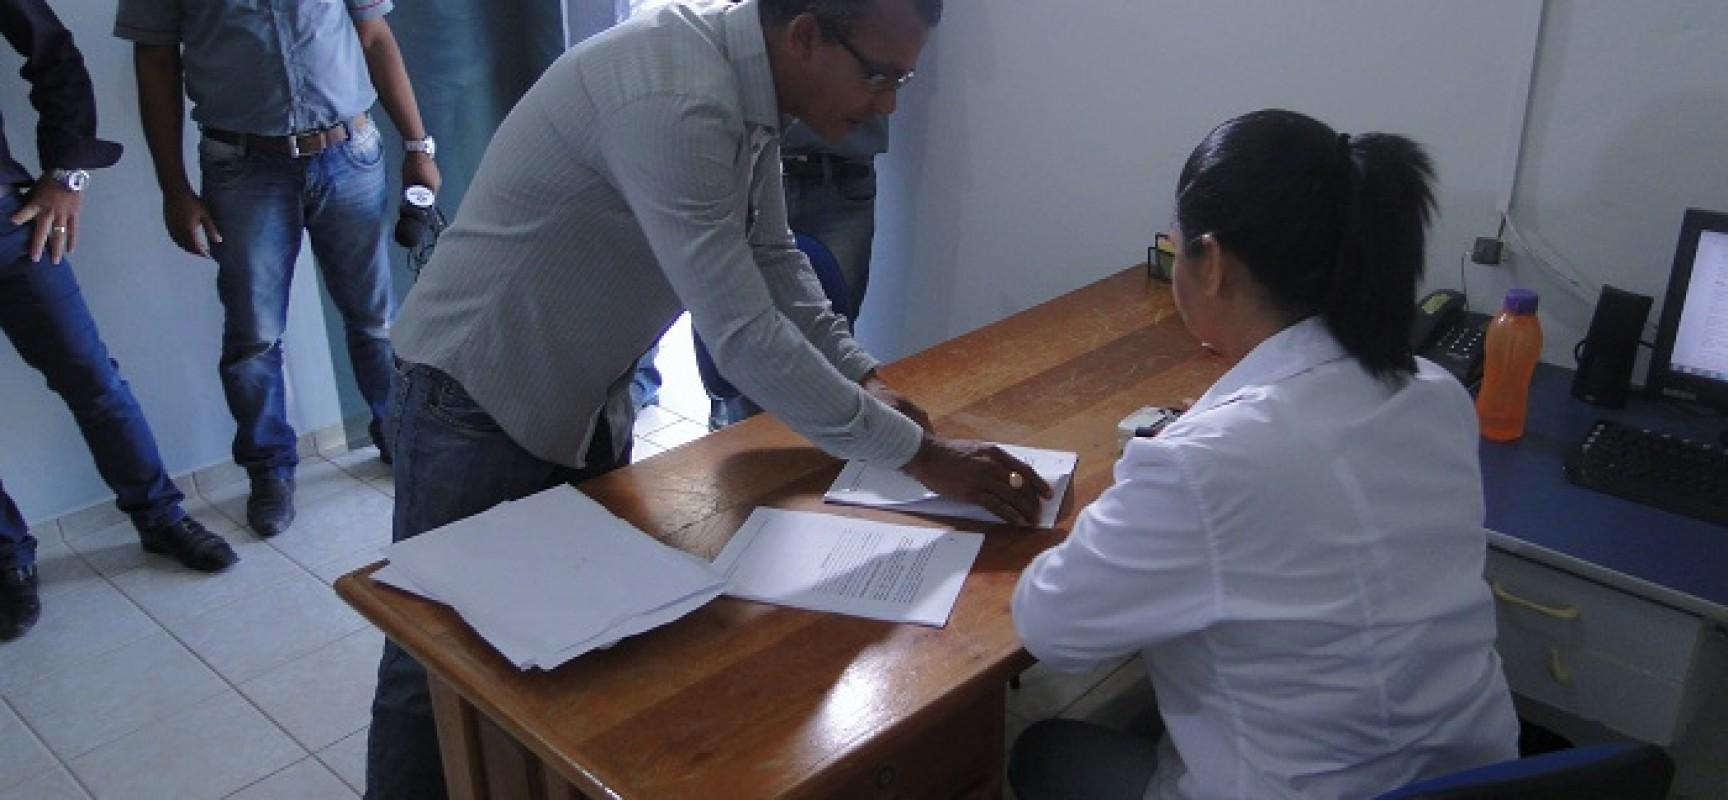 Briga pelo poder-Prefeito Afastado Osvaldo Romanholi (PR), denuncia seis vereadores no Legislativo Progressense.